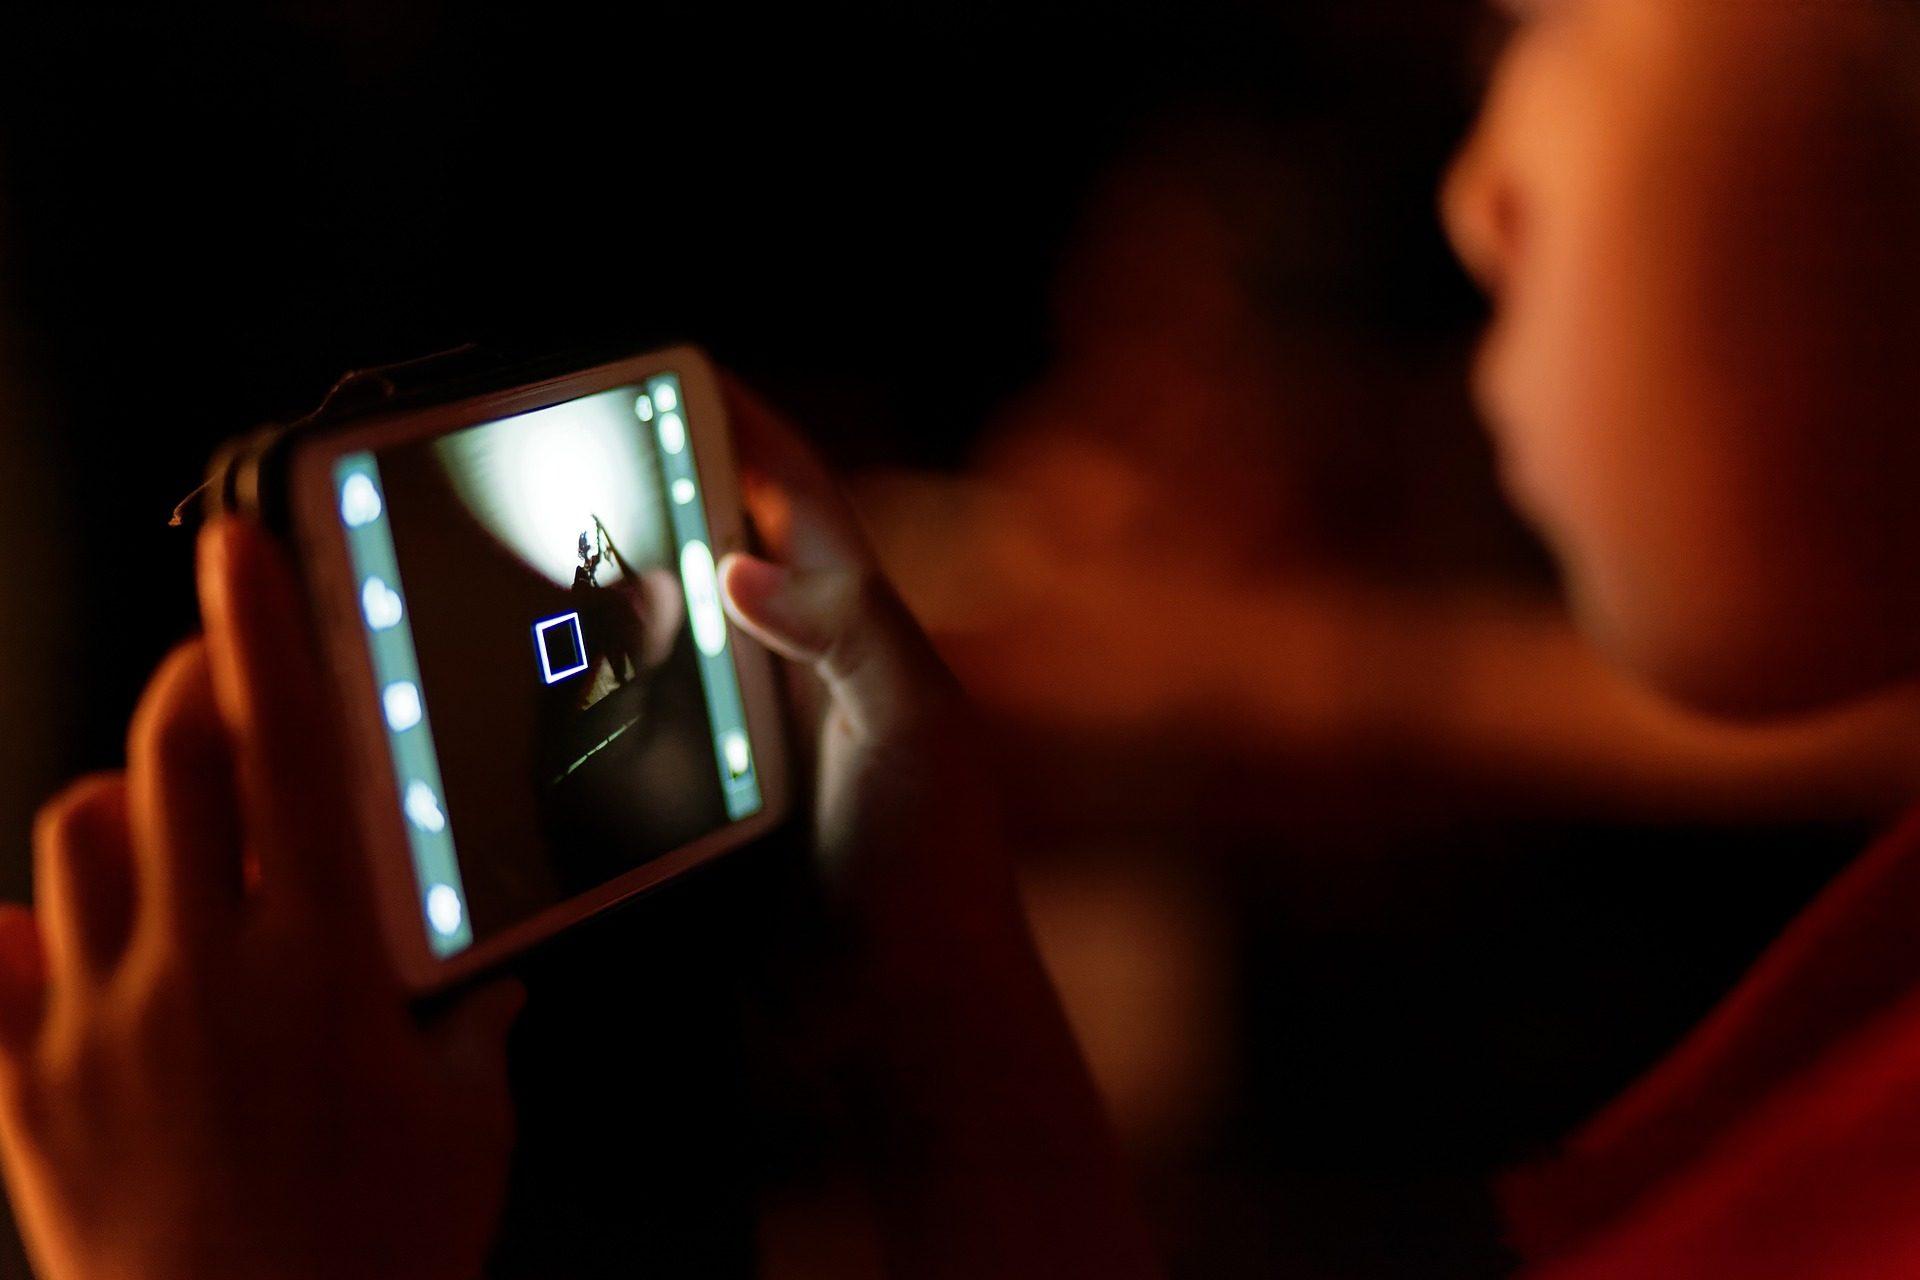 Móvel, telefone, celular, criança, mãos - Papéis de parede HD - Professor-falken.com